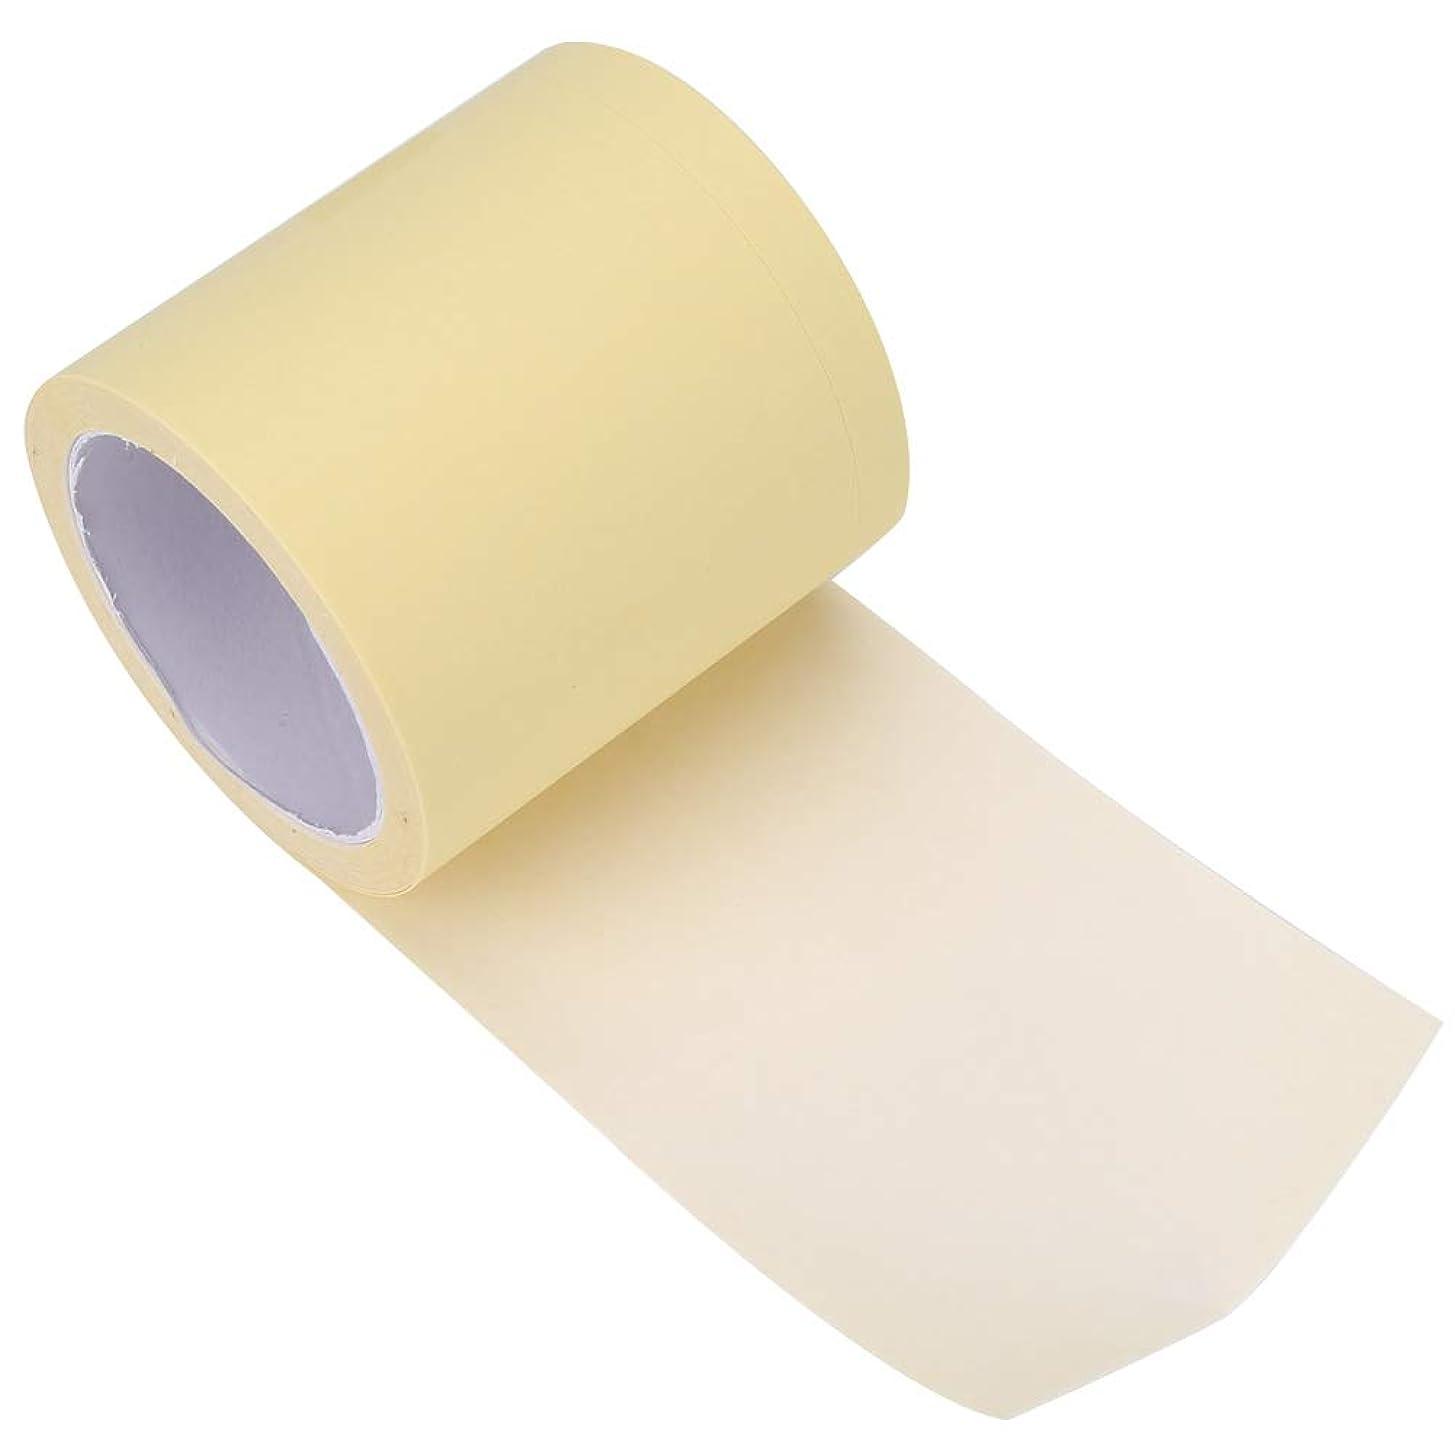 Keenso 汗止めパッド 0.012 mm 脇下制汗パッド 使い捨て 透明&抗菌加工 皮膚に優しい 超薄型 脇の汗染み防止